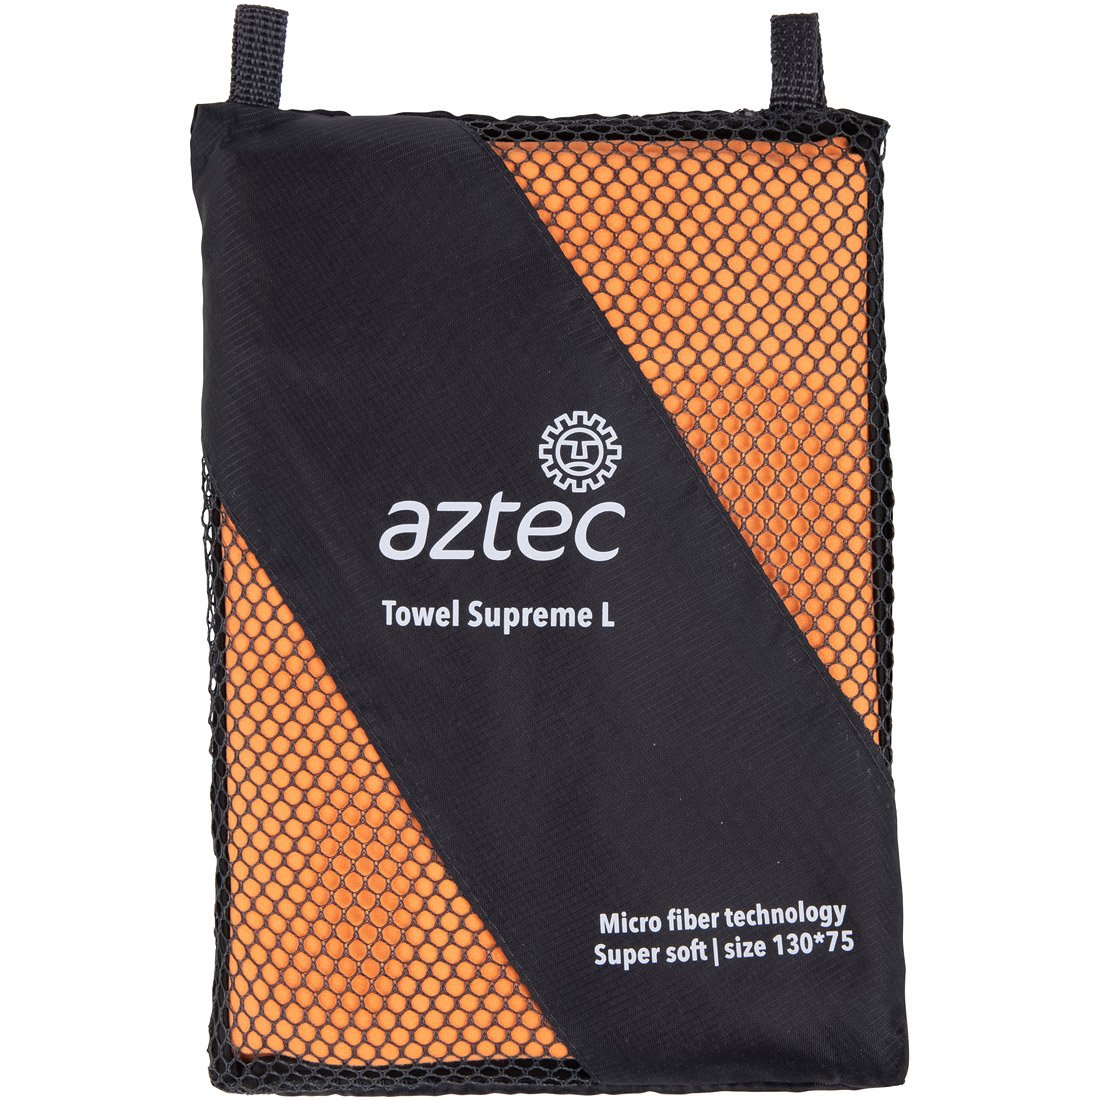 מגבת לטיולים - Towel Supreme L - Aztec